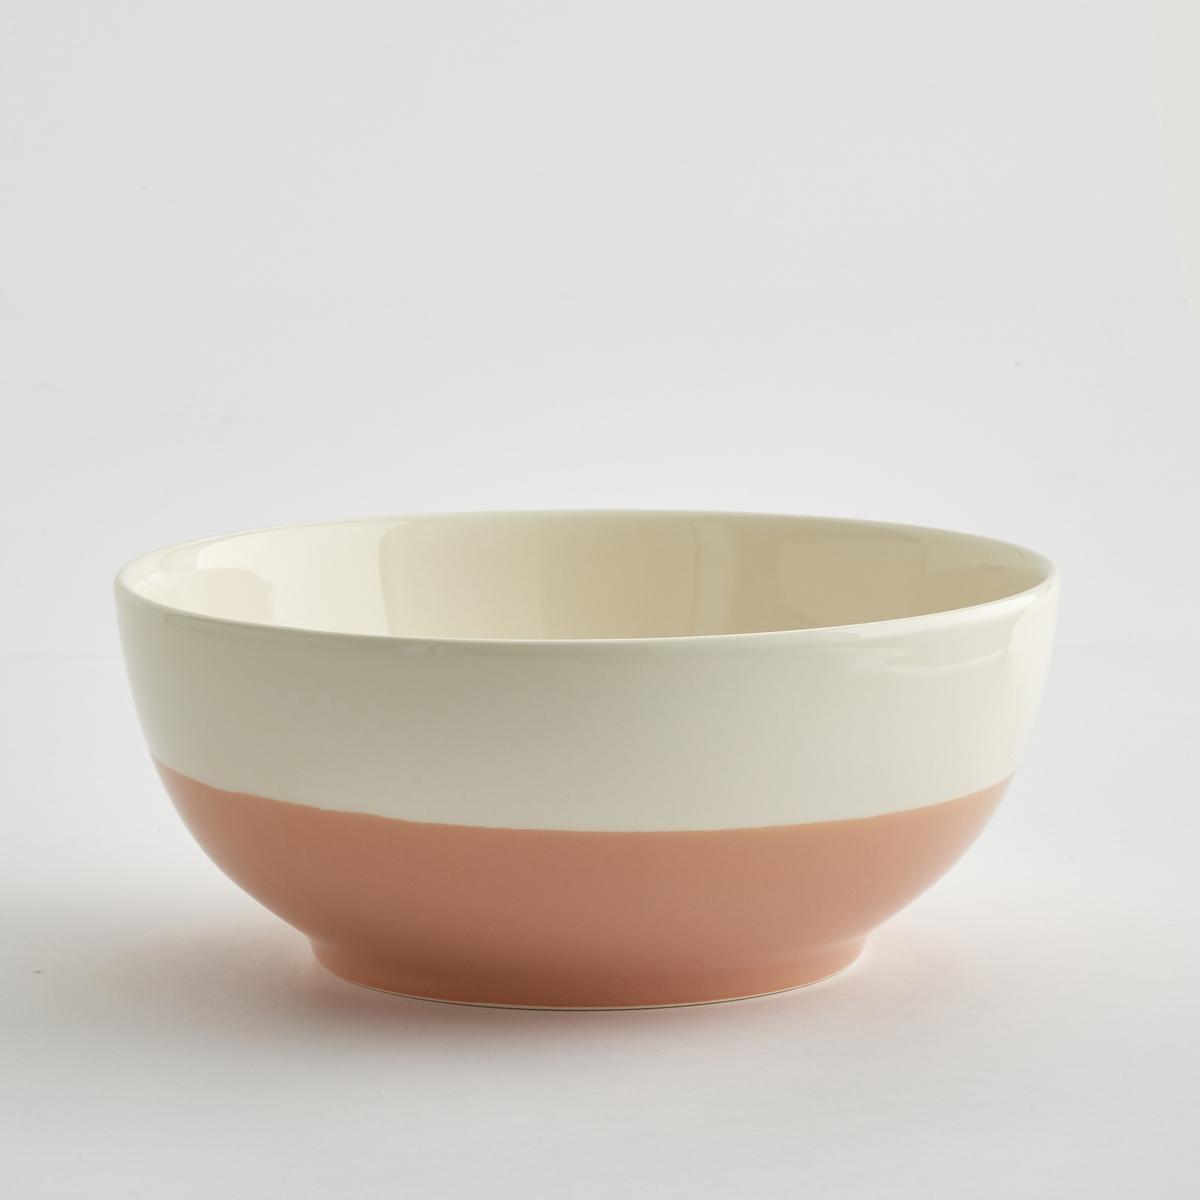 Салатница двухцветная из керамики, ZalatoМинималистический дизайн, большой объем, в аутентичном стиле : салатница Zalato привлекает своей функциональностью и объемом и сочетается с внутренним декором. Характеристики двухцветной салатницы из керамики Zalato :Из керамики.Размеры двухцветной салатницы из керамики Zalato :Высота : 11 см.Диаметр. внизу : 16 см.Диаметр. вверху : 28 см.Цвета двухцветной салатницы из керамики Zalato :Белый / синий.Белый / розовый.Белый / зеленый.  Другие салатницы и предметы декора стола вы можете найти на сайте laredoute.ru<br><br>Цвет: белый/ зеленый,белый/ розовая пудра,белый/синий глубокий